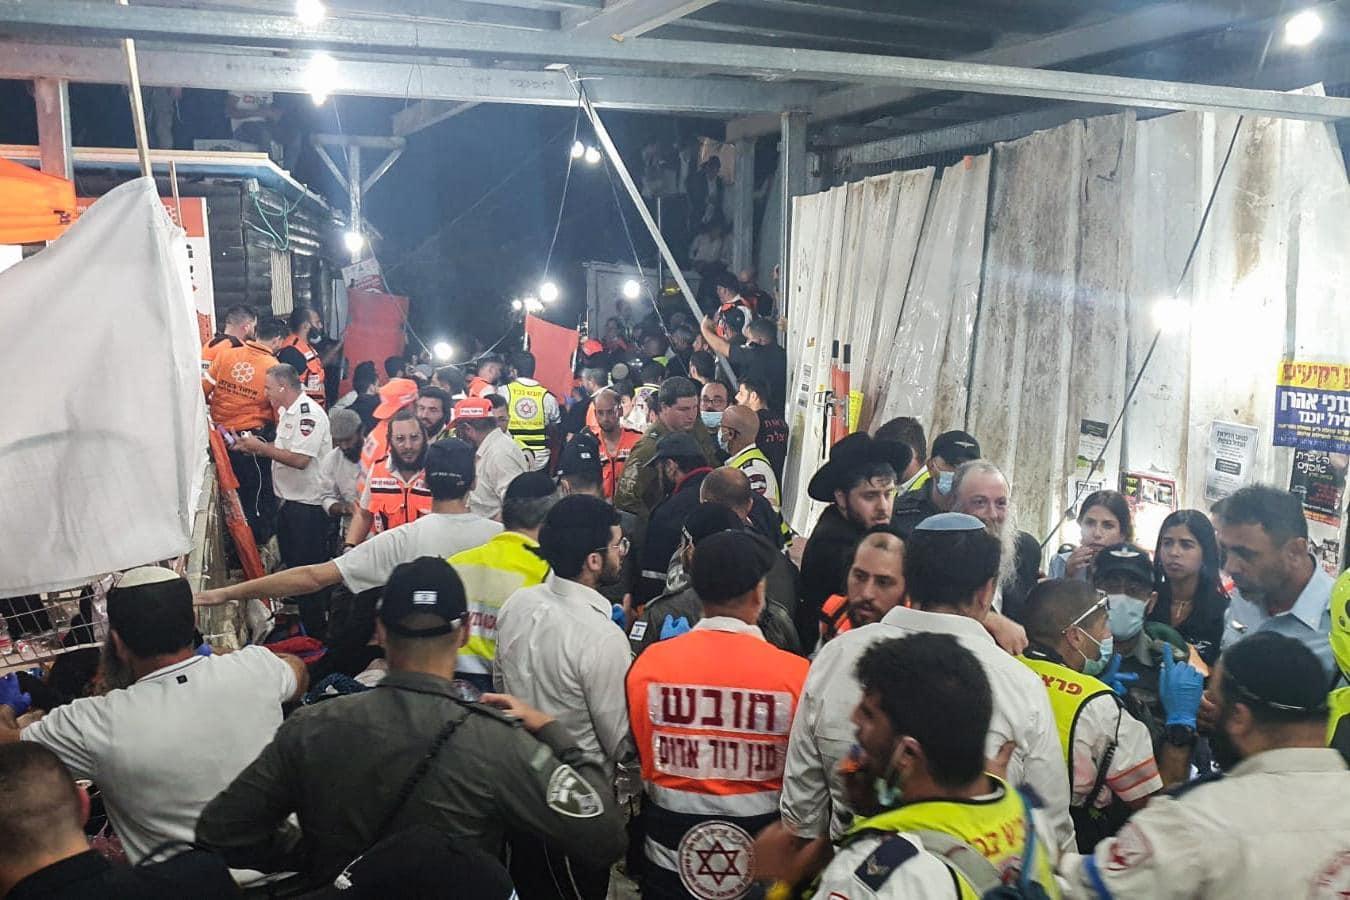 Dutzende Tote bei Massenpanik auf jüdischem Fest Israel